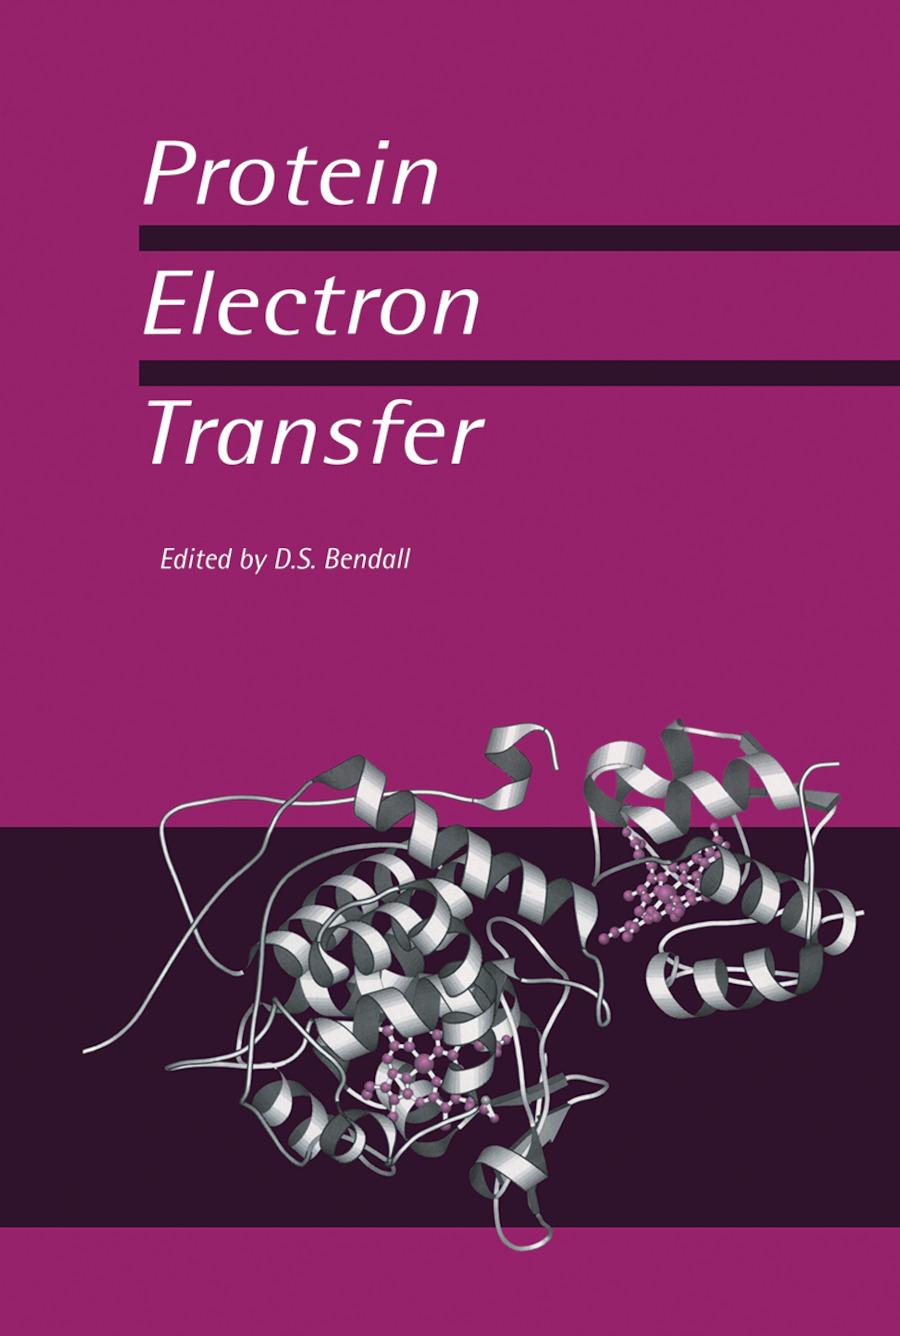 Protein Electron Transfer